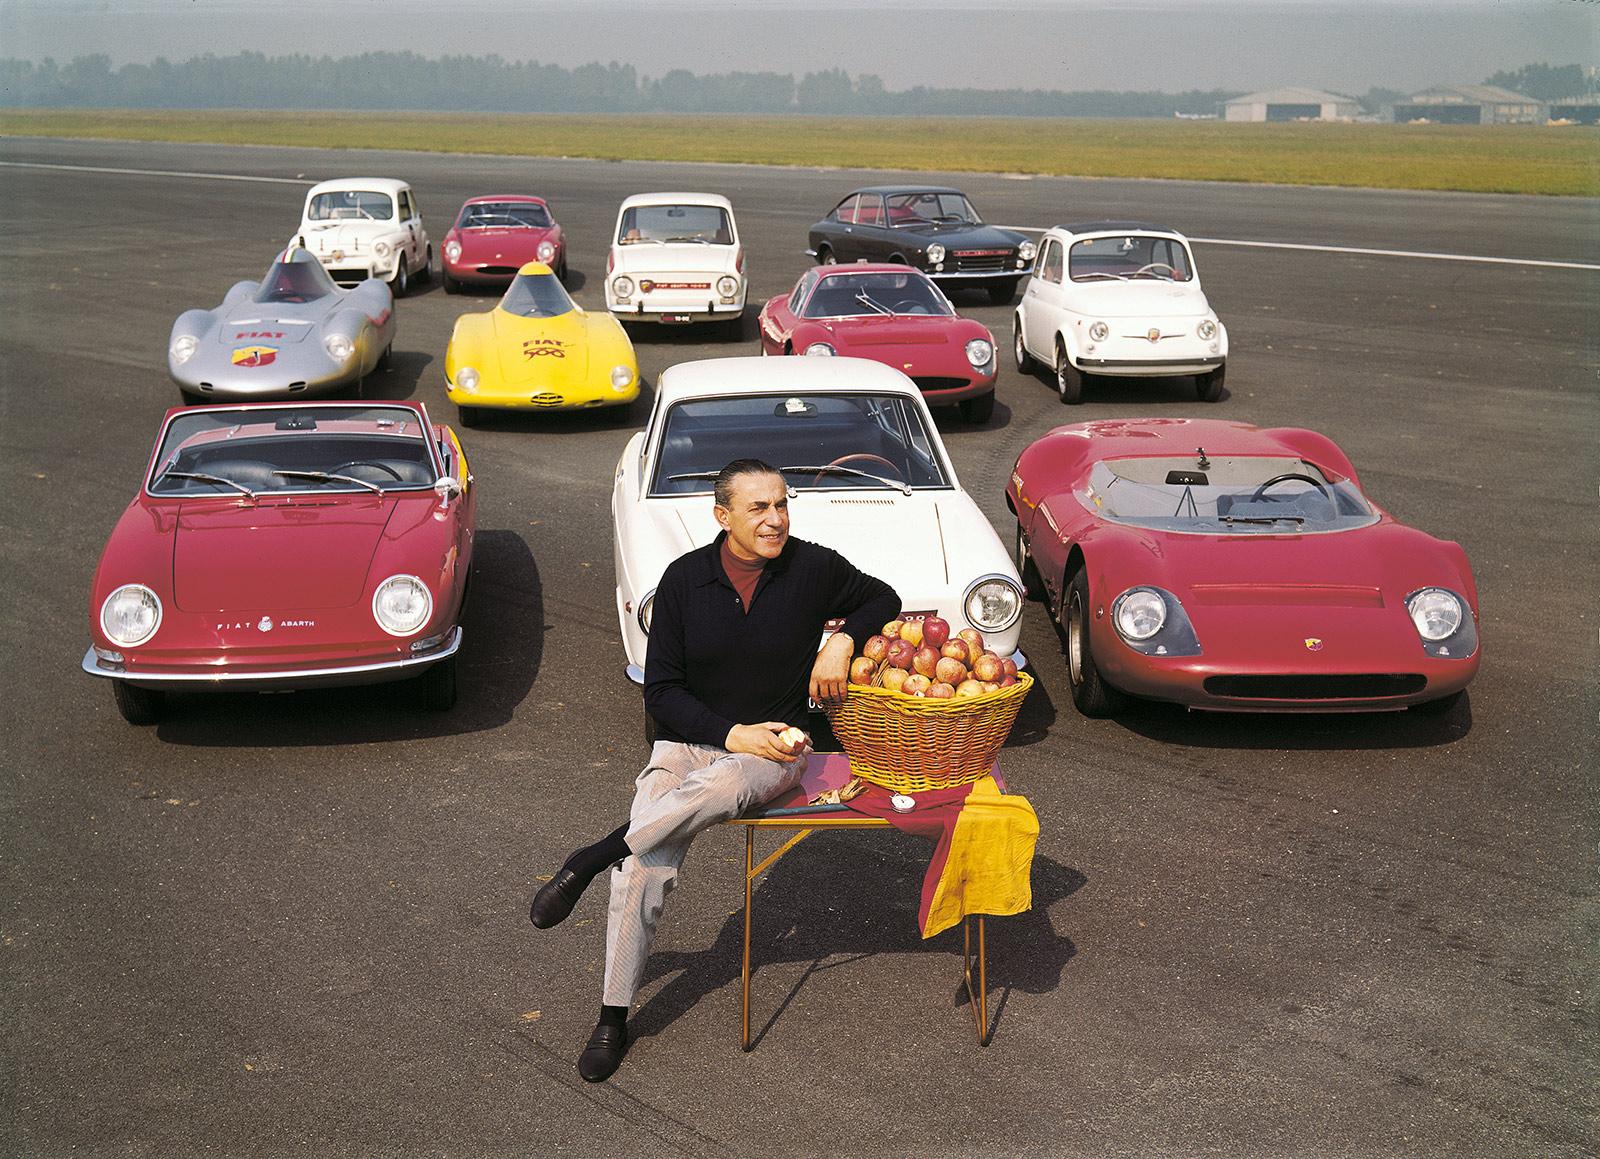 #43, Carlo Abarth, Fiat